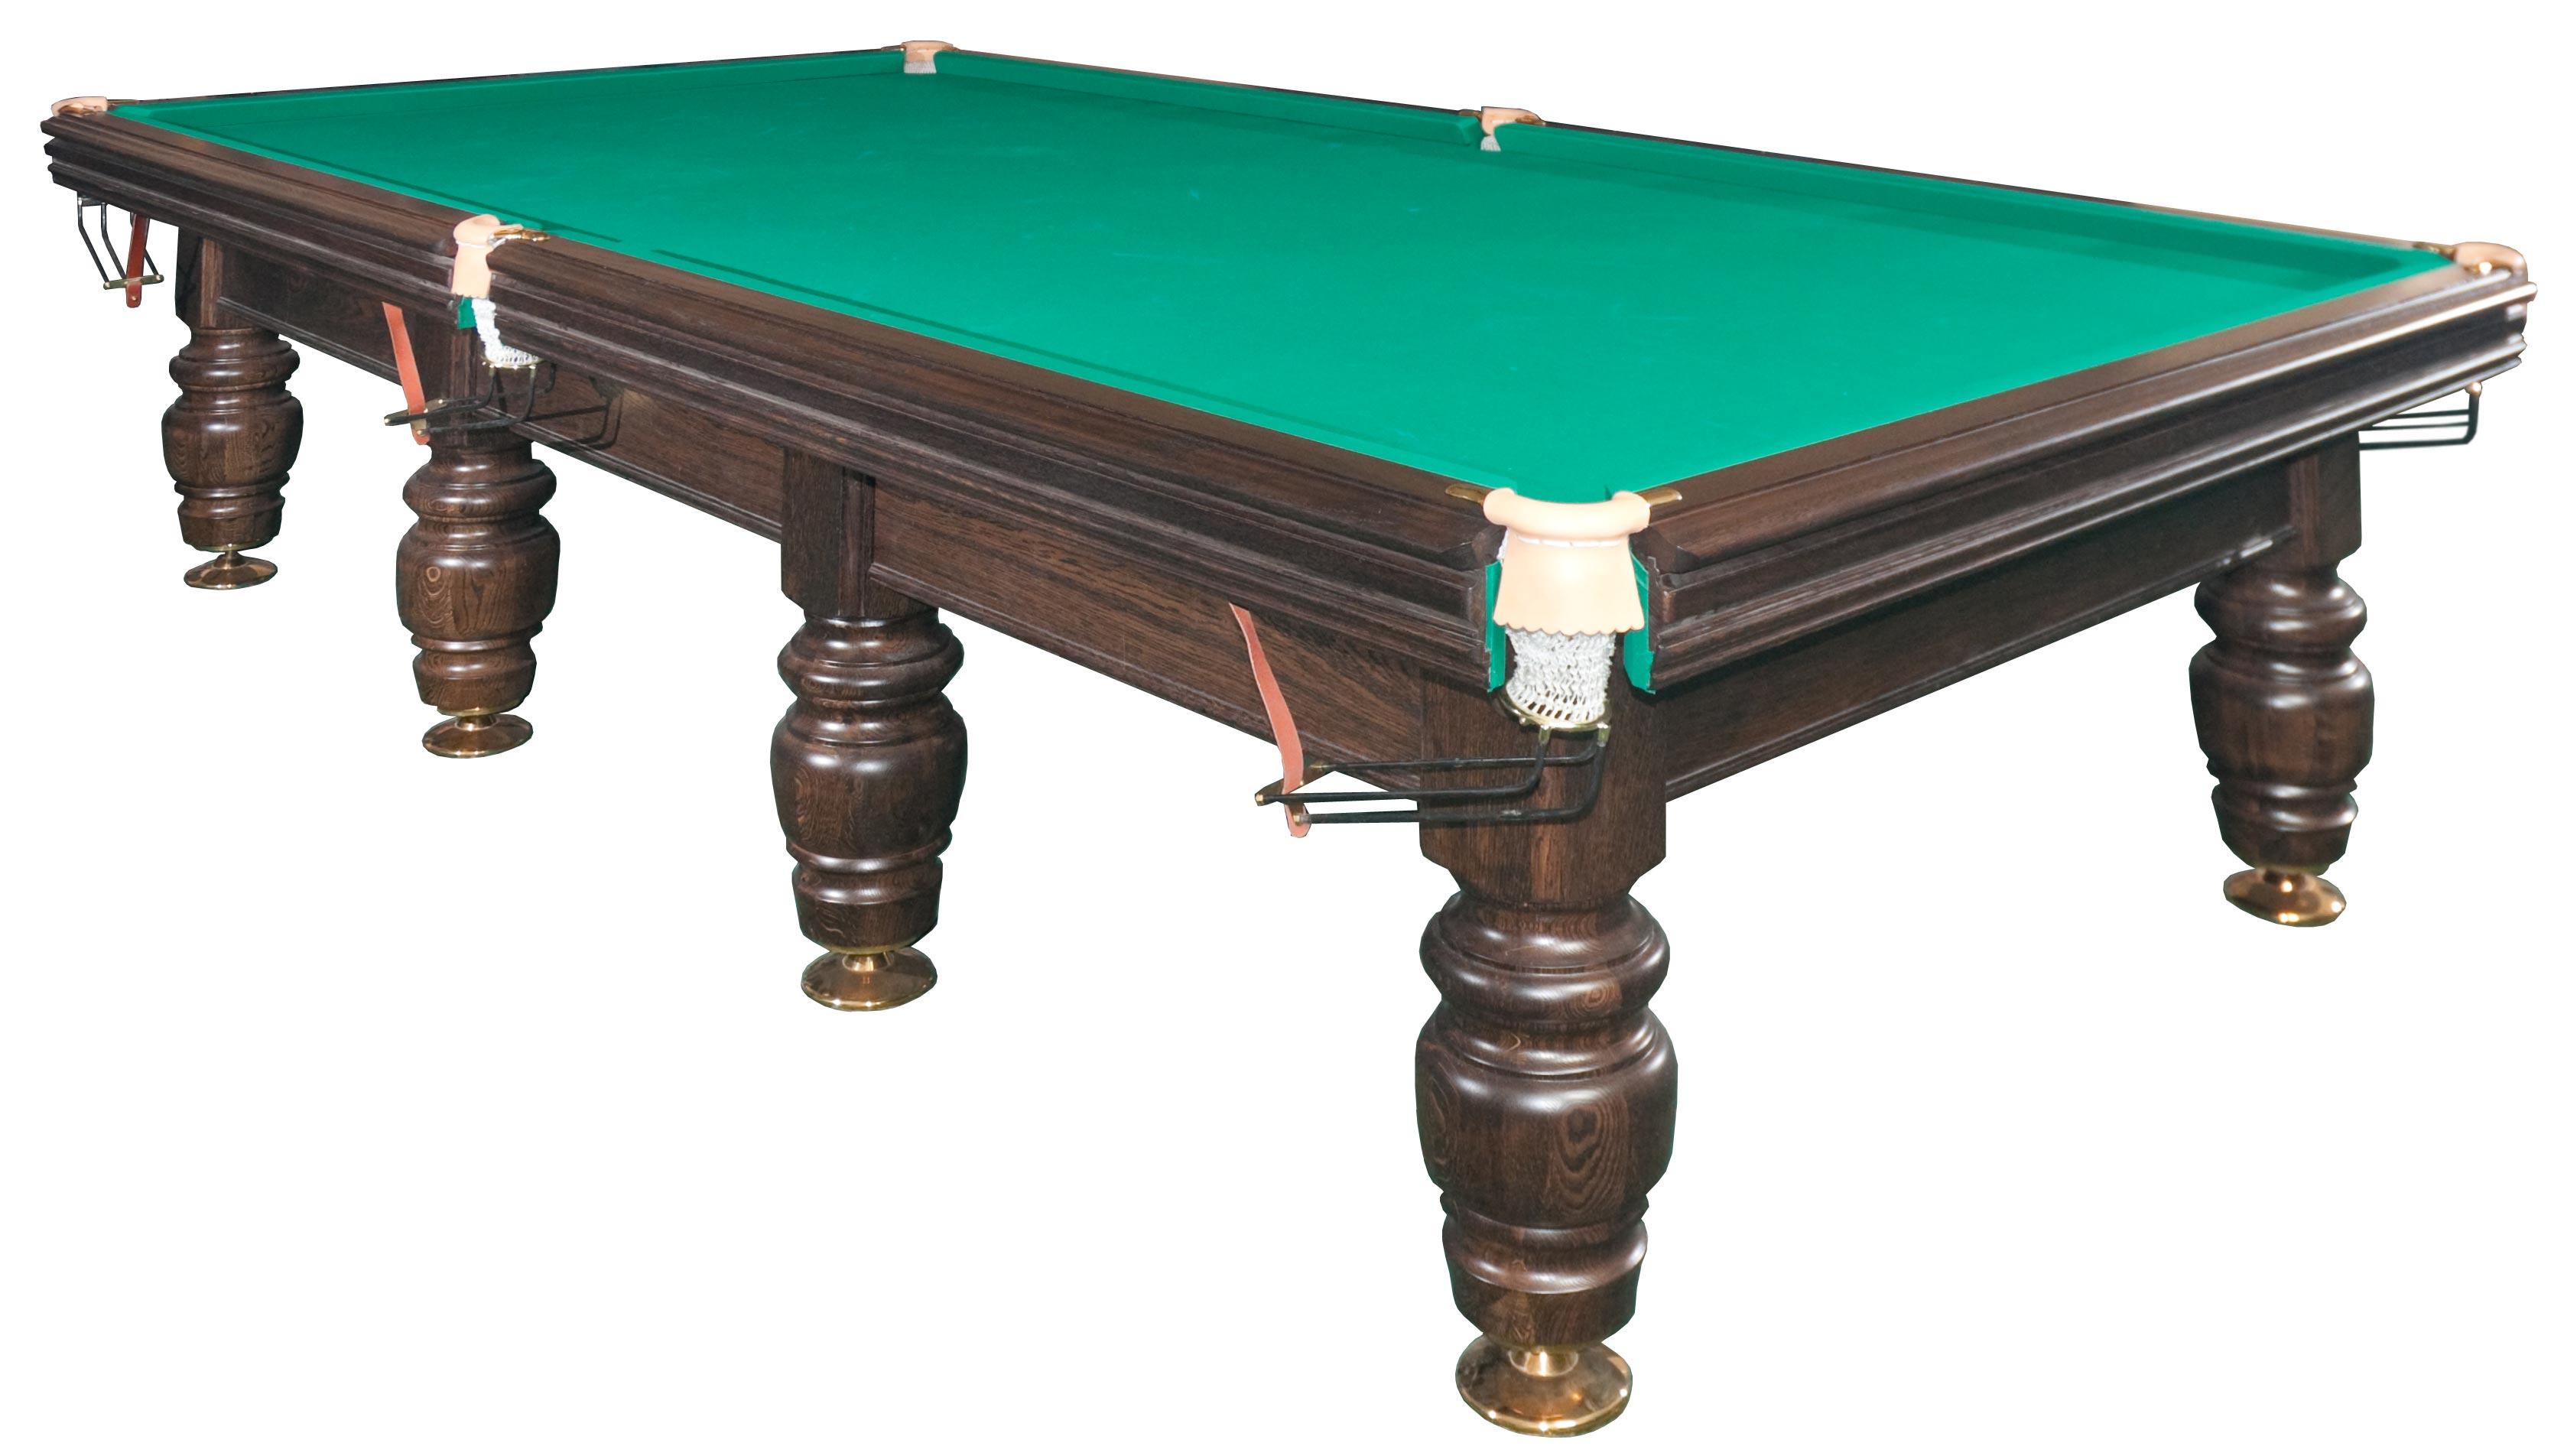 бильярдные столы компании бильярд болл: